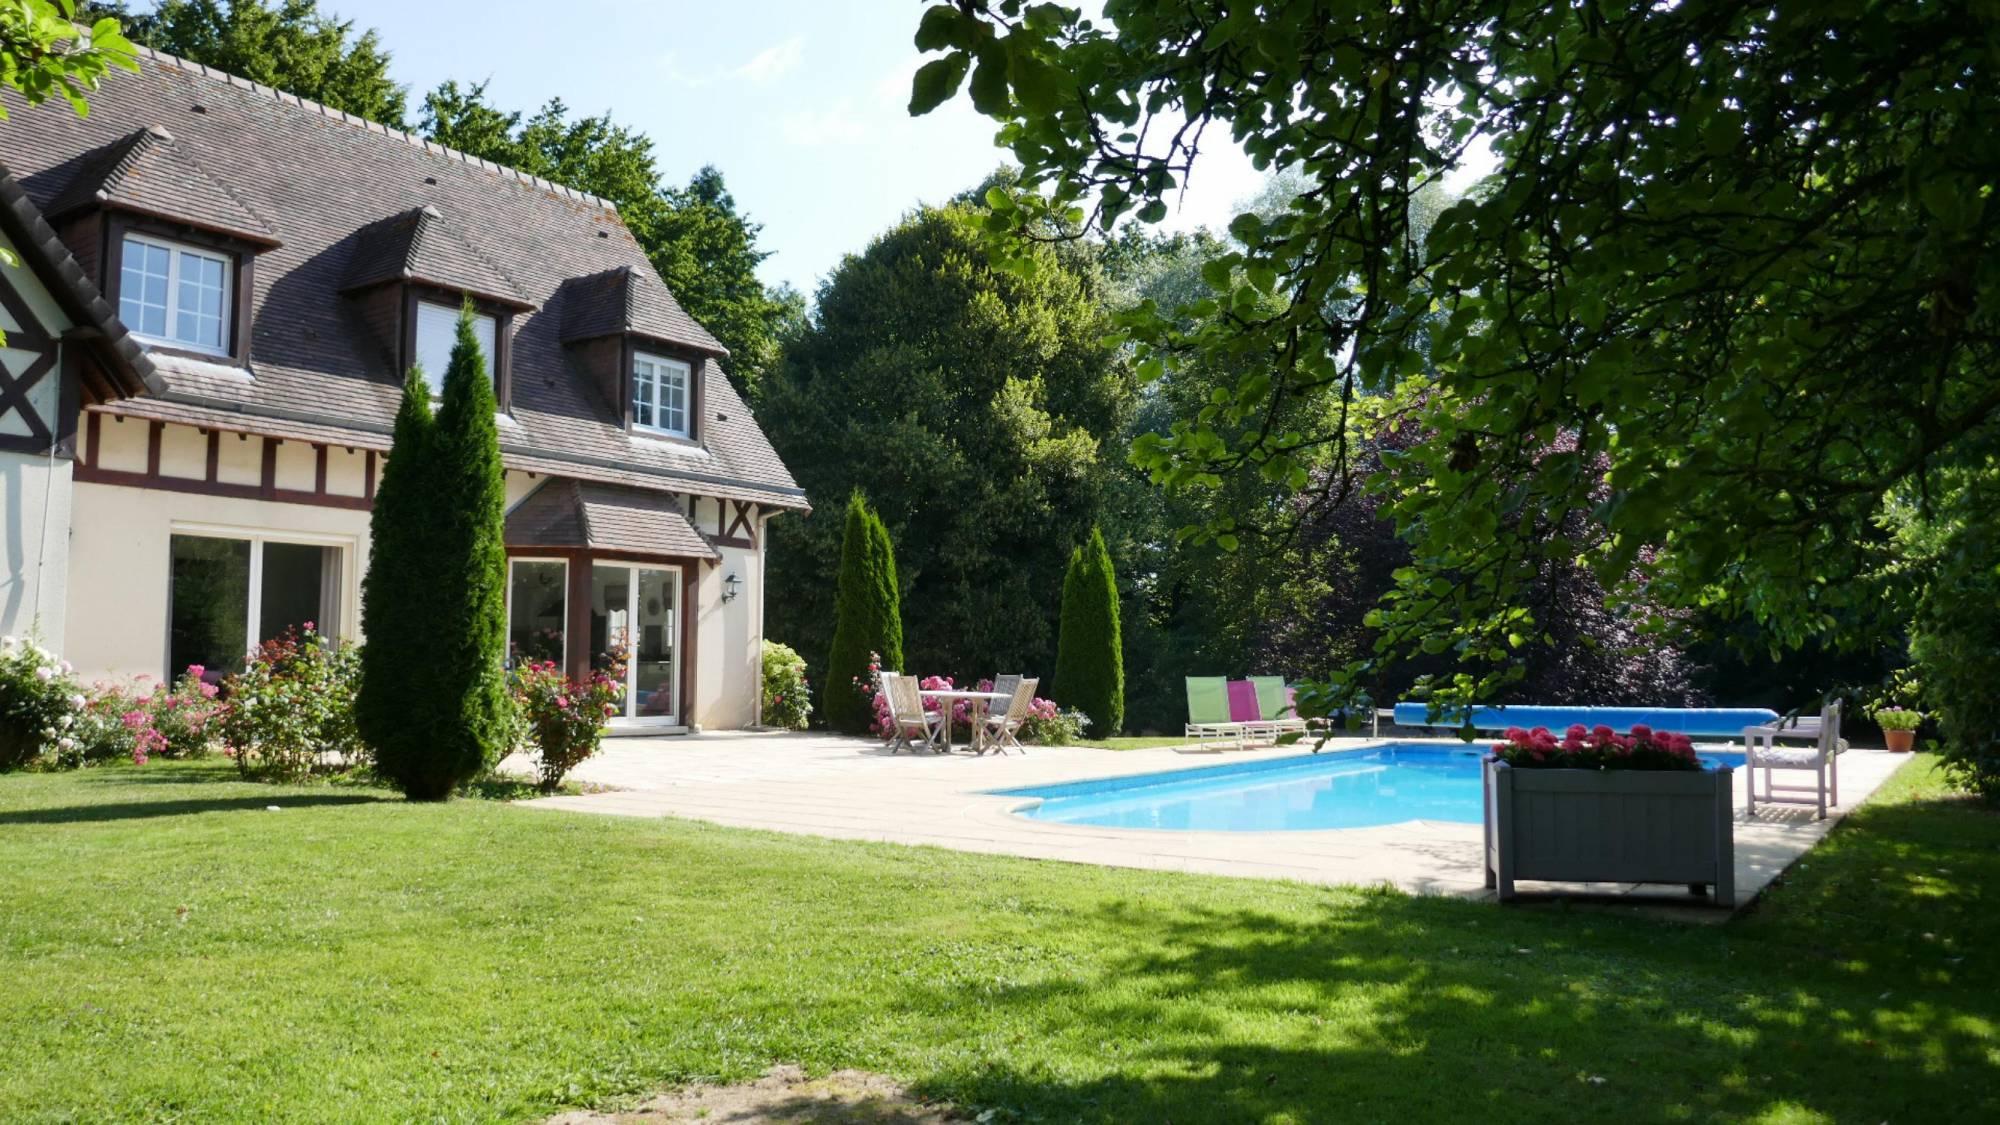 Grande Maison Normande Familiale A Vendre À Quincampoix Avec ... intérieur Maison Avec Piscine A Vendre